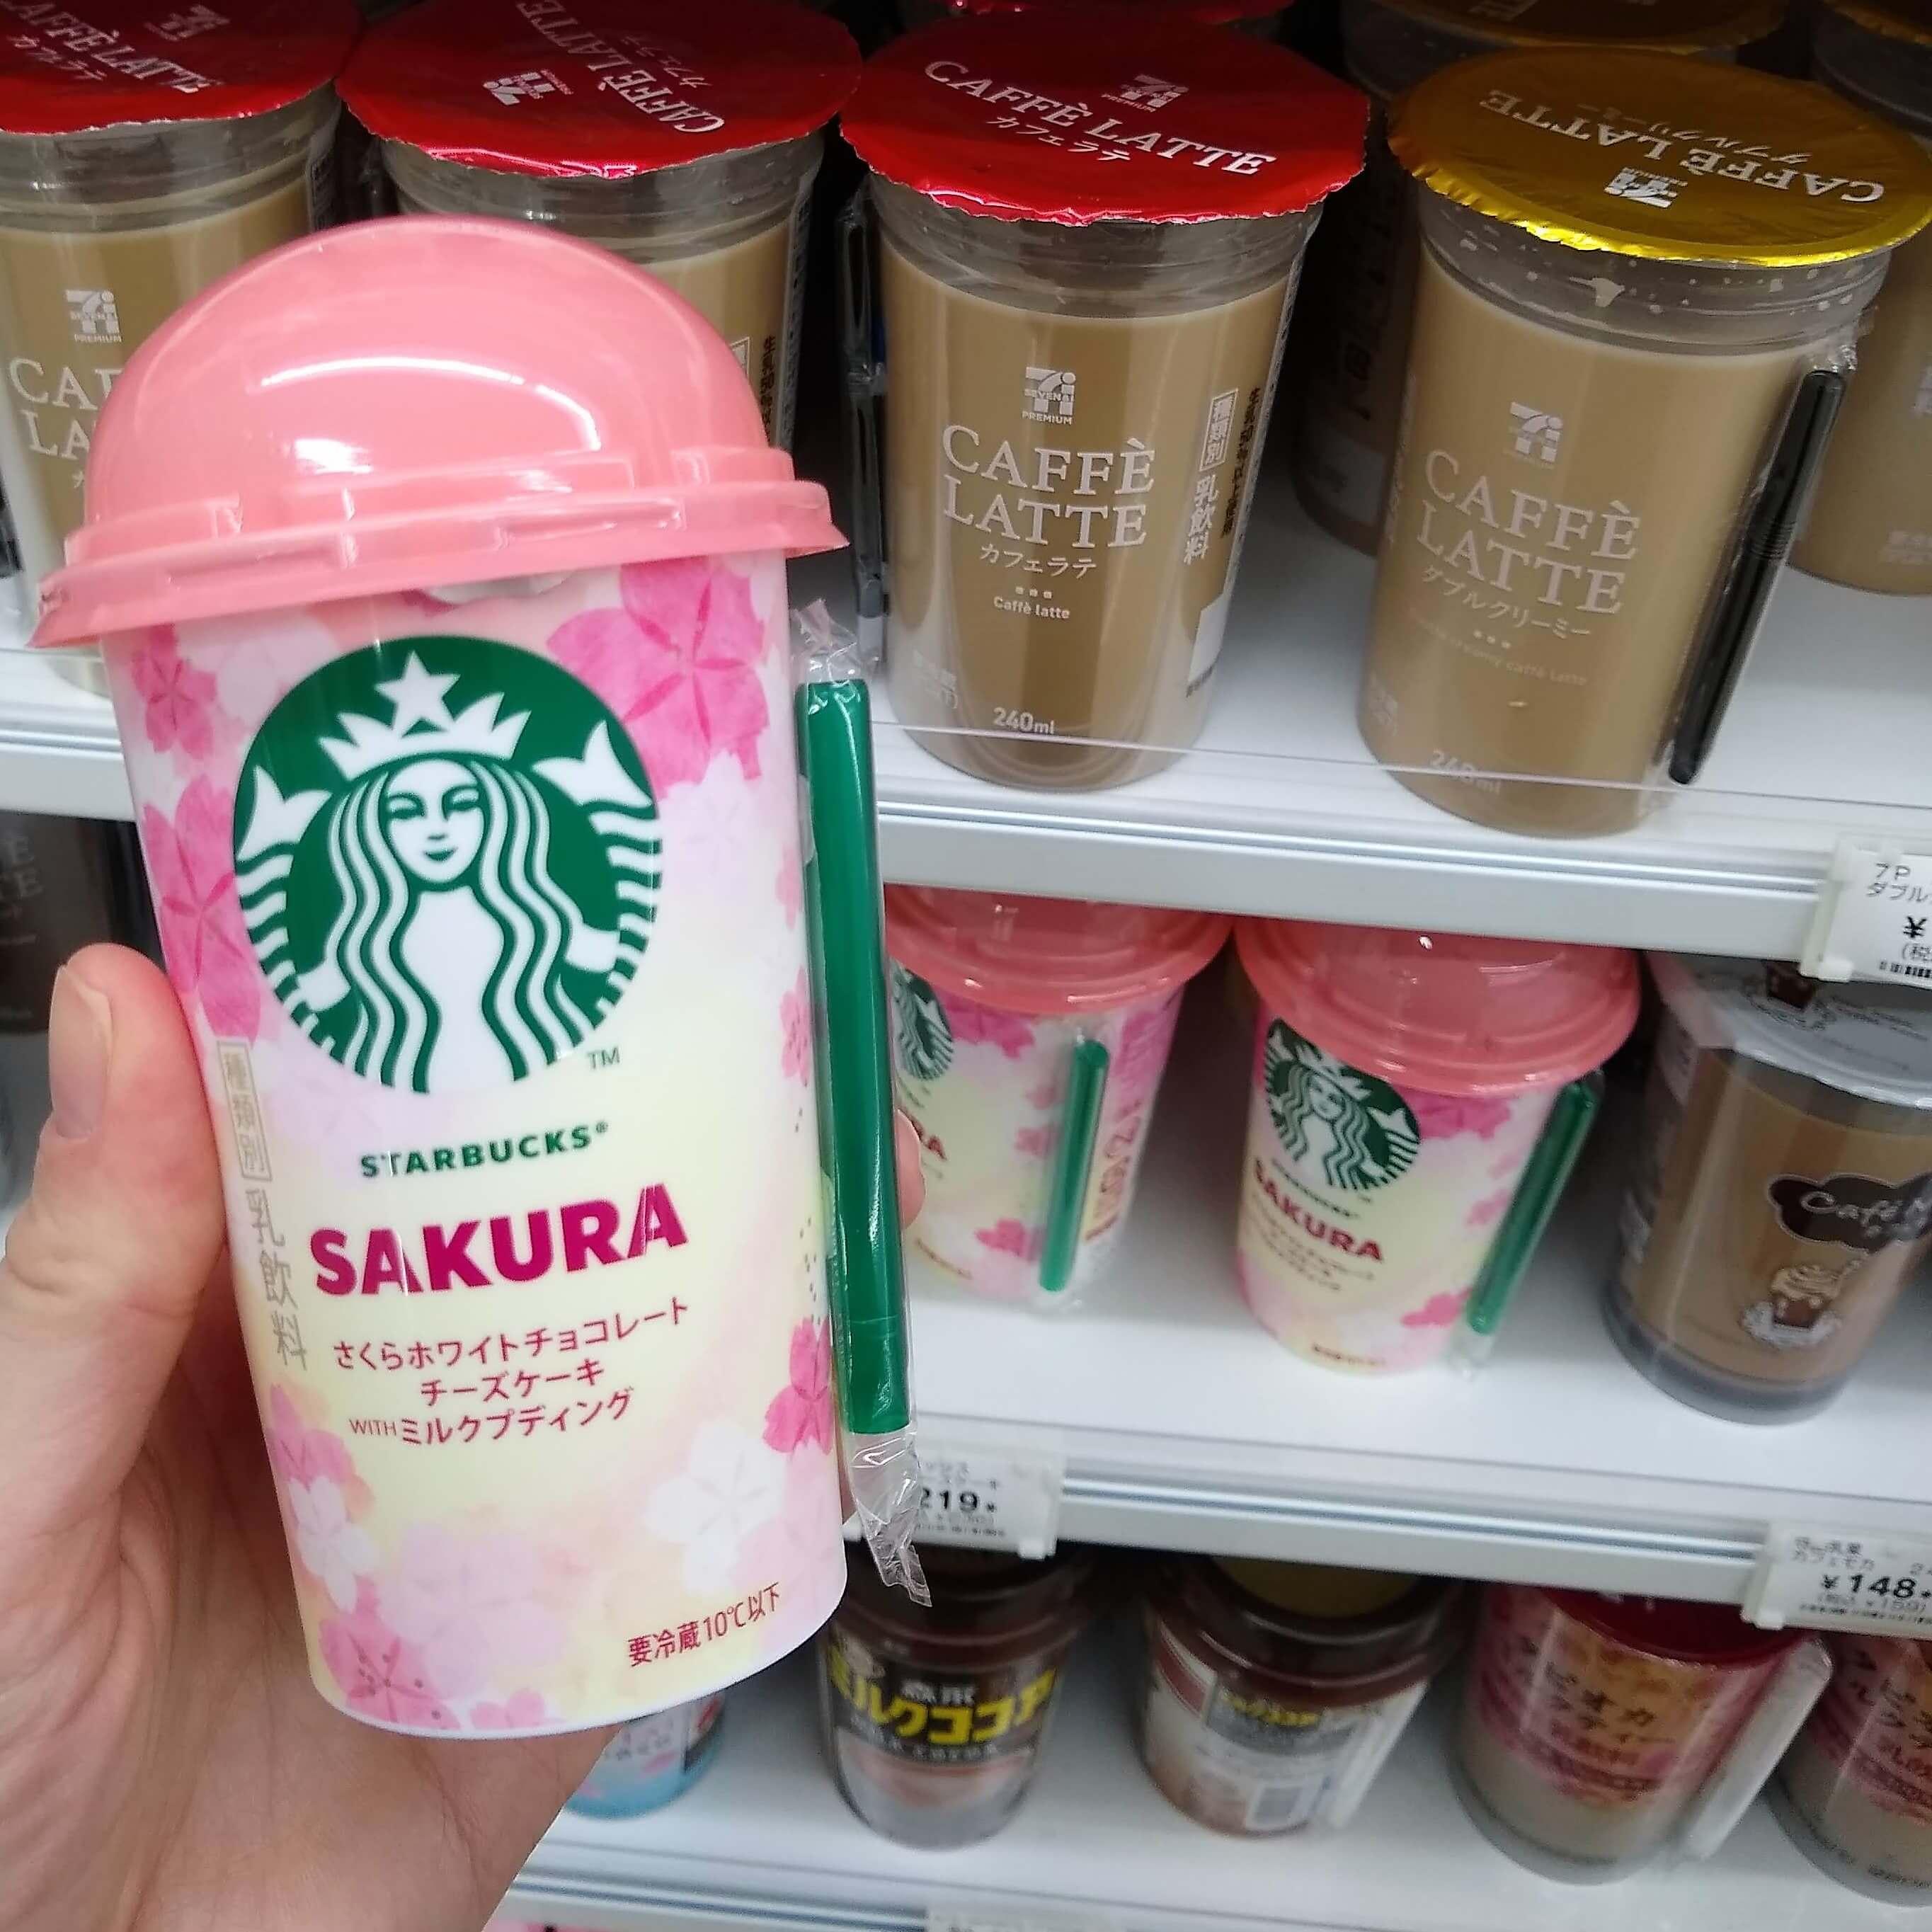 Starbucks Sakura White Chocolate Cheesecake with White Pudding Drink